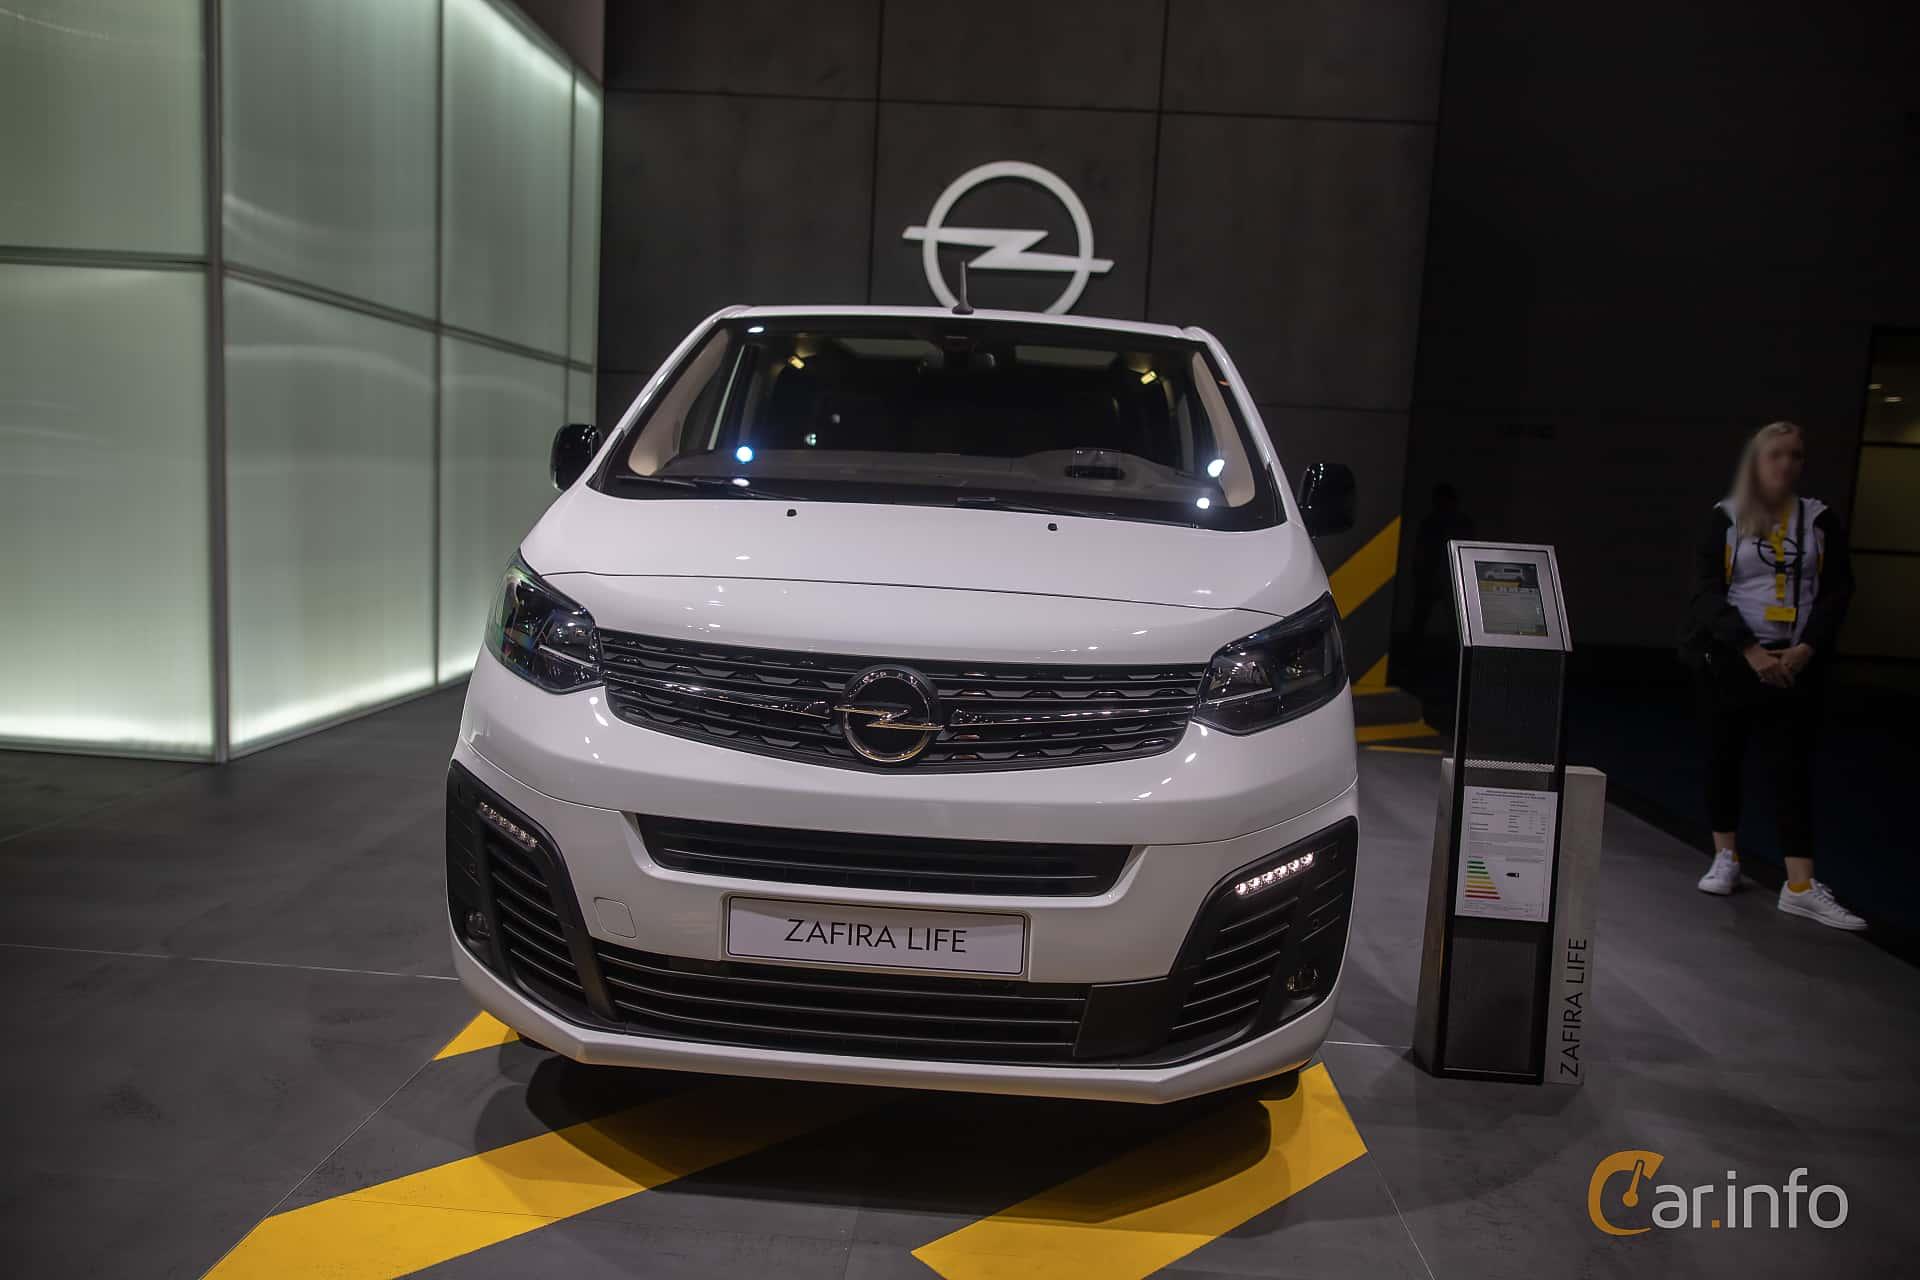 Front  of Opel Zafira Life 2.0 Manual, 150ps, 2020 at IAA 2019